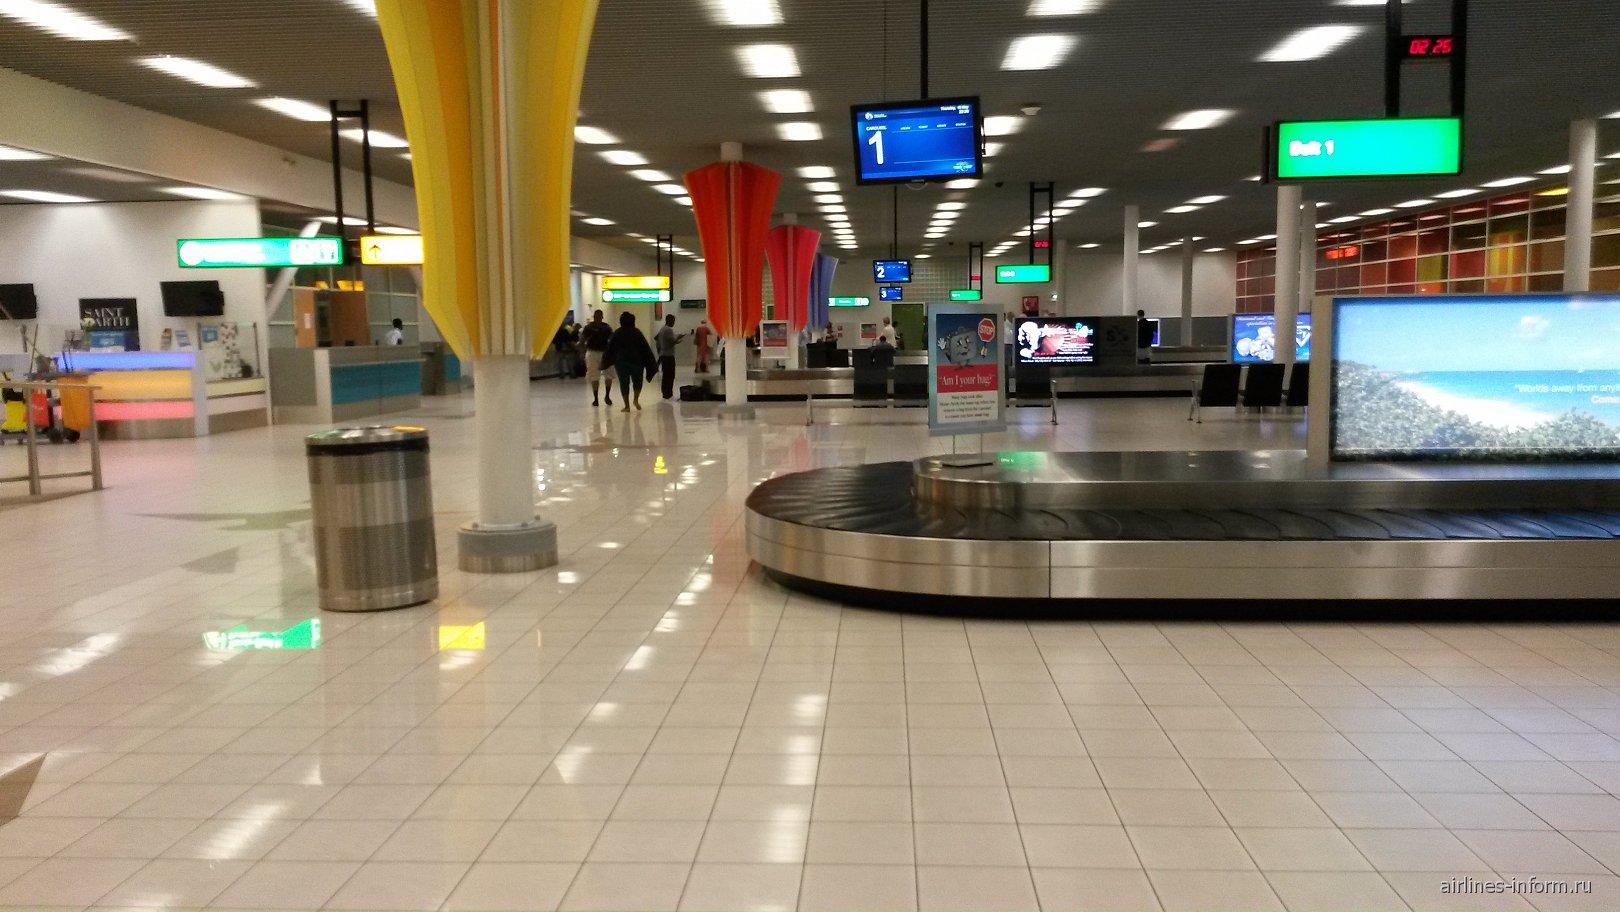 Зал выдачи багажа в аэропорту Сен-Марте Принцесса Джулиана